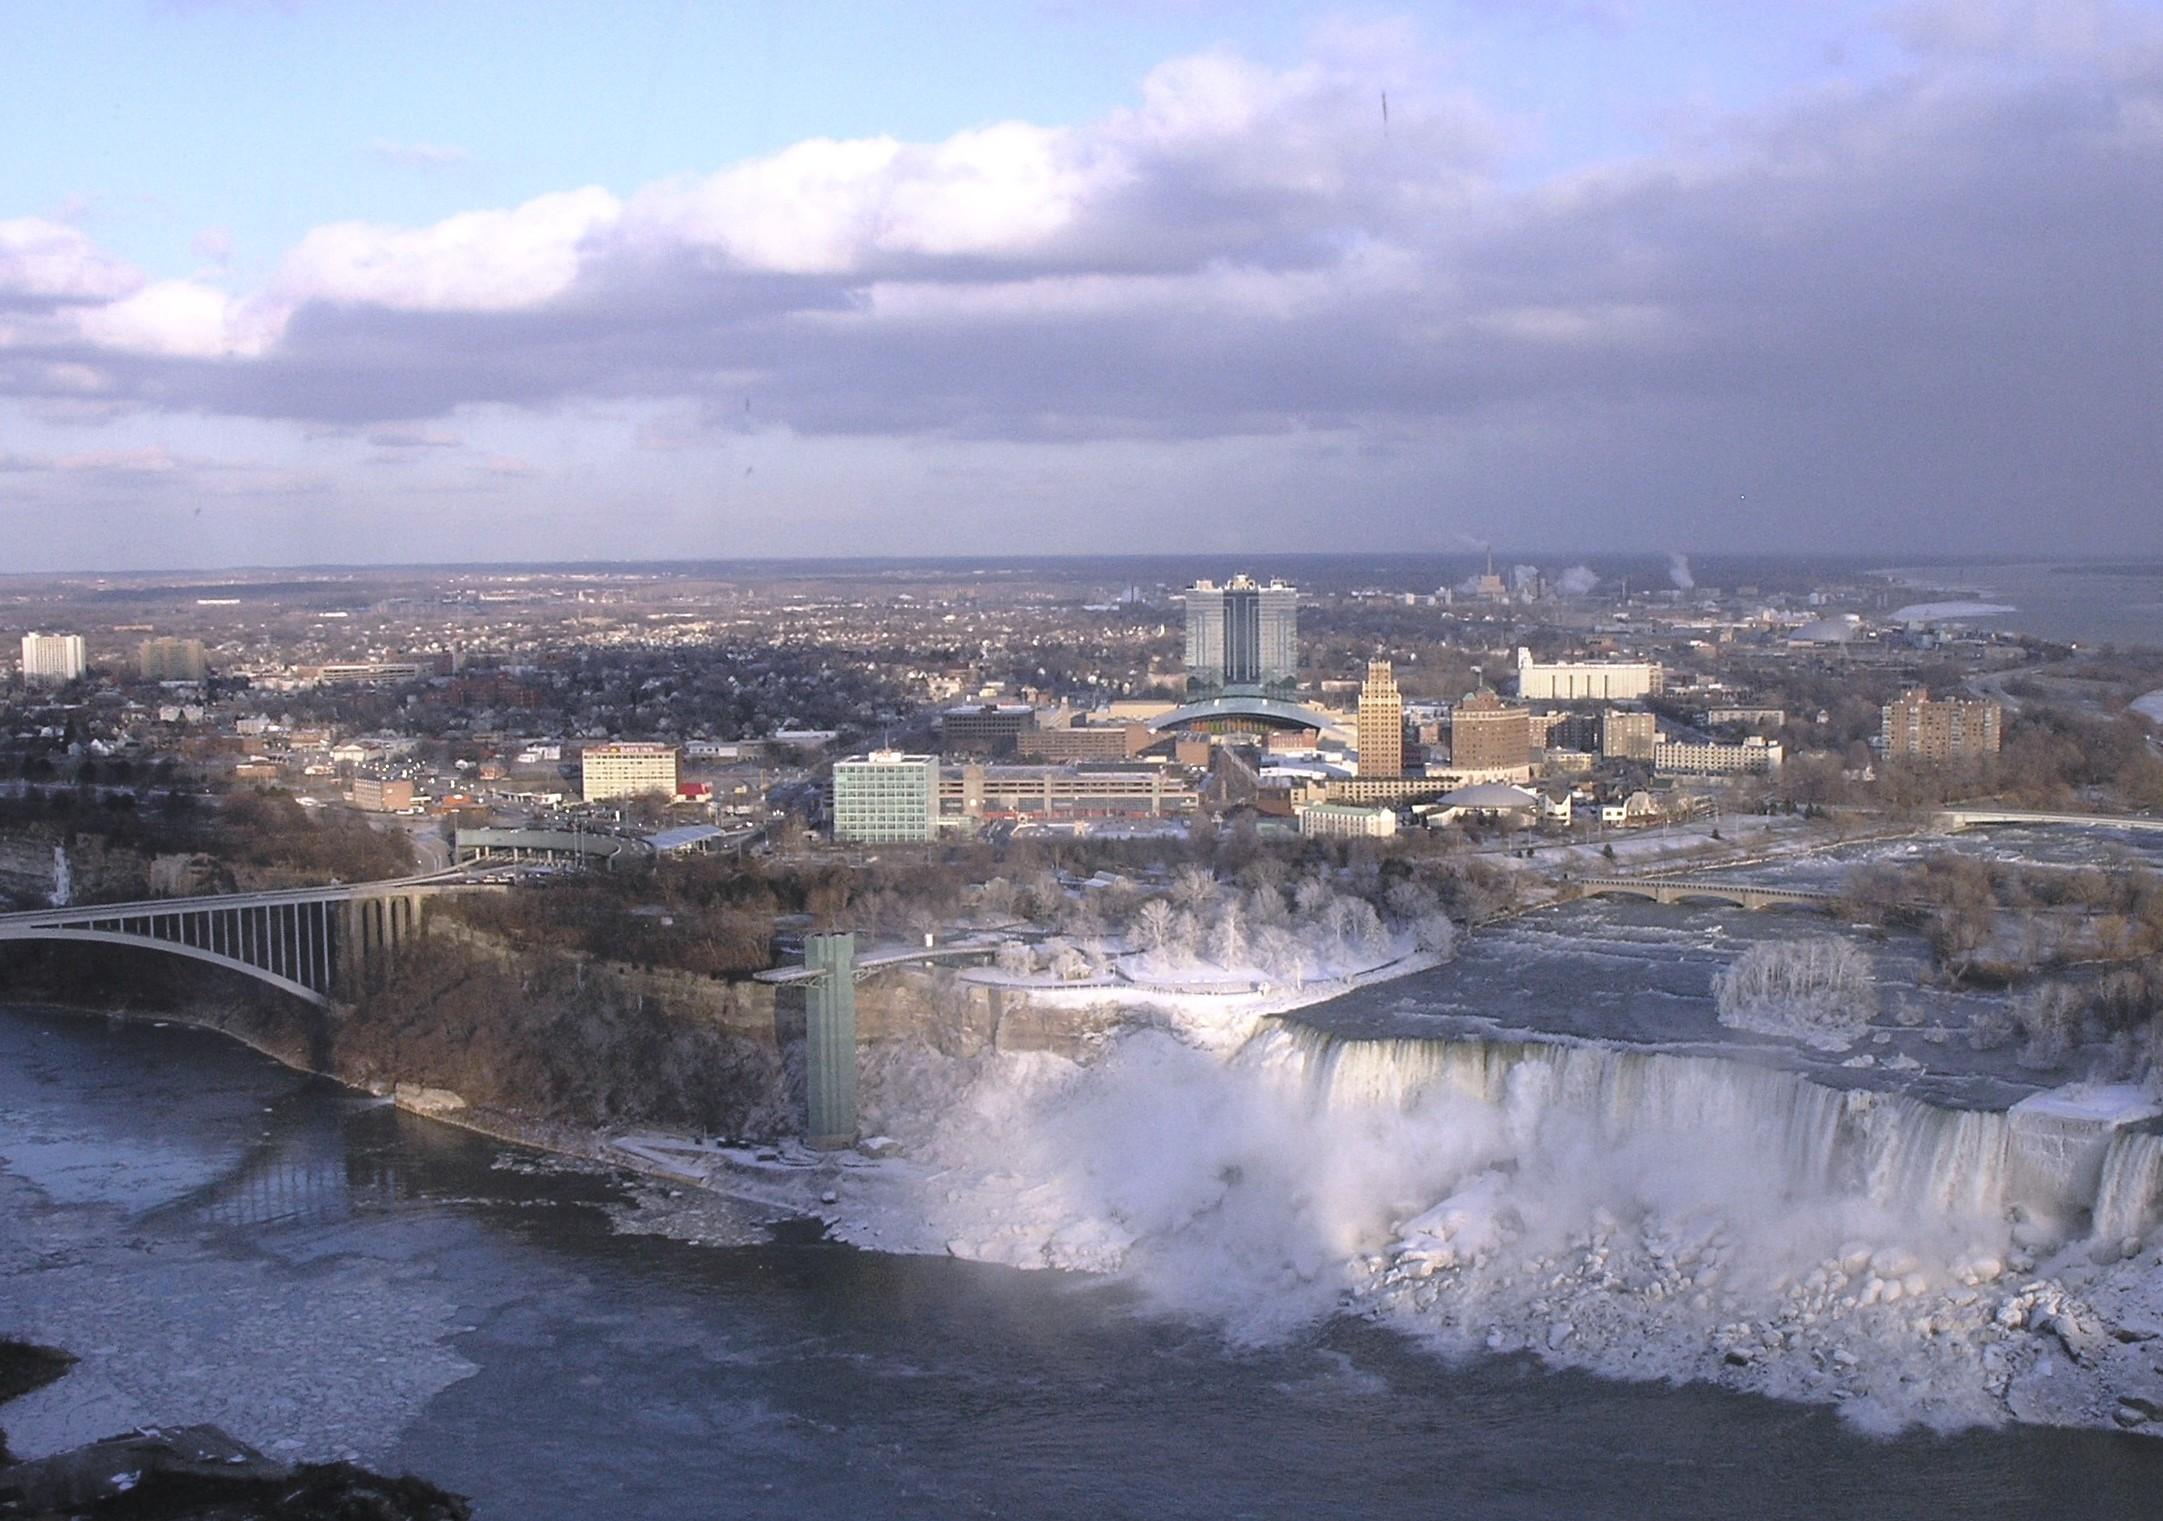 Niagara Falls (1983: Doomsday)